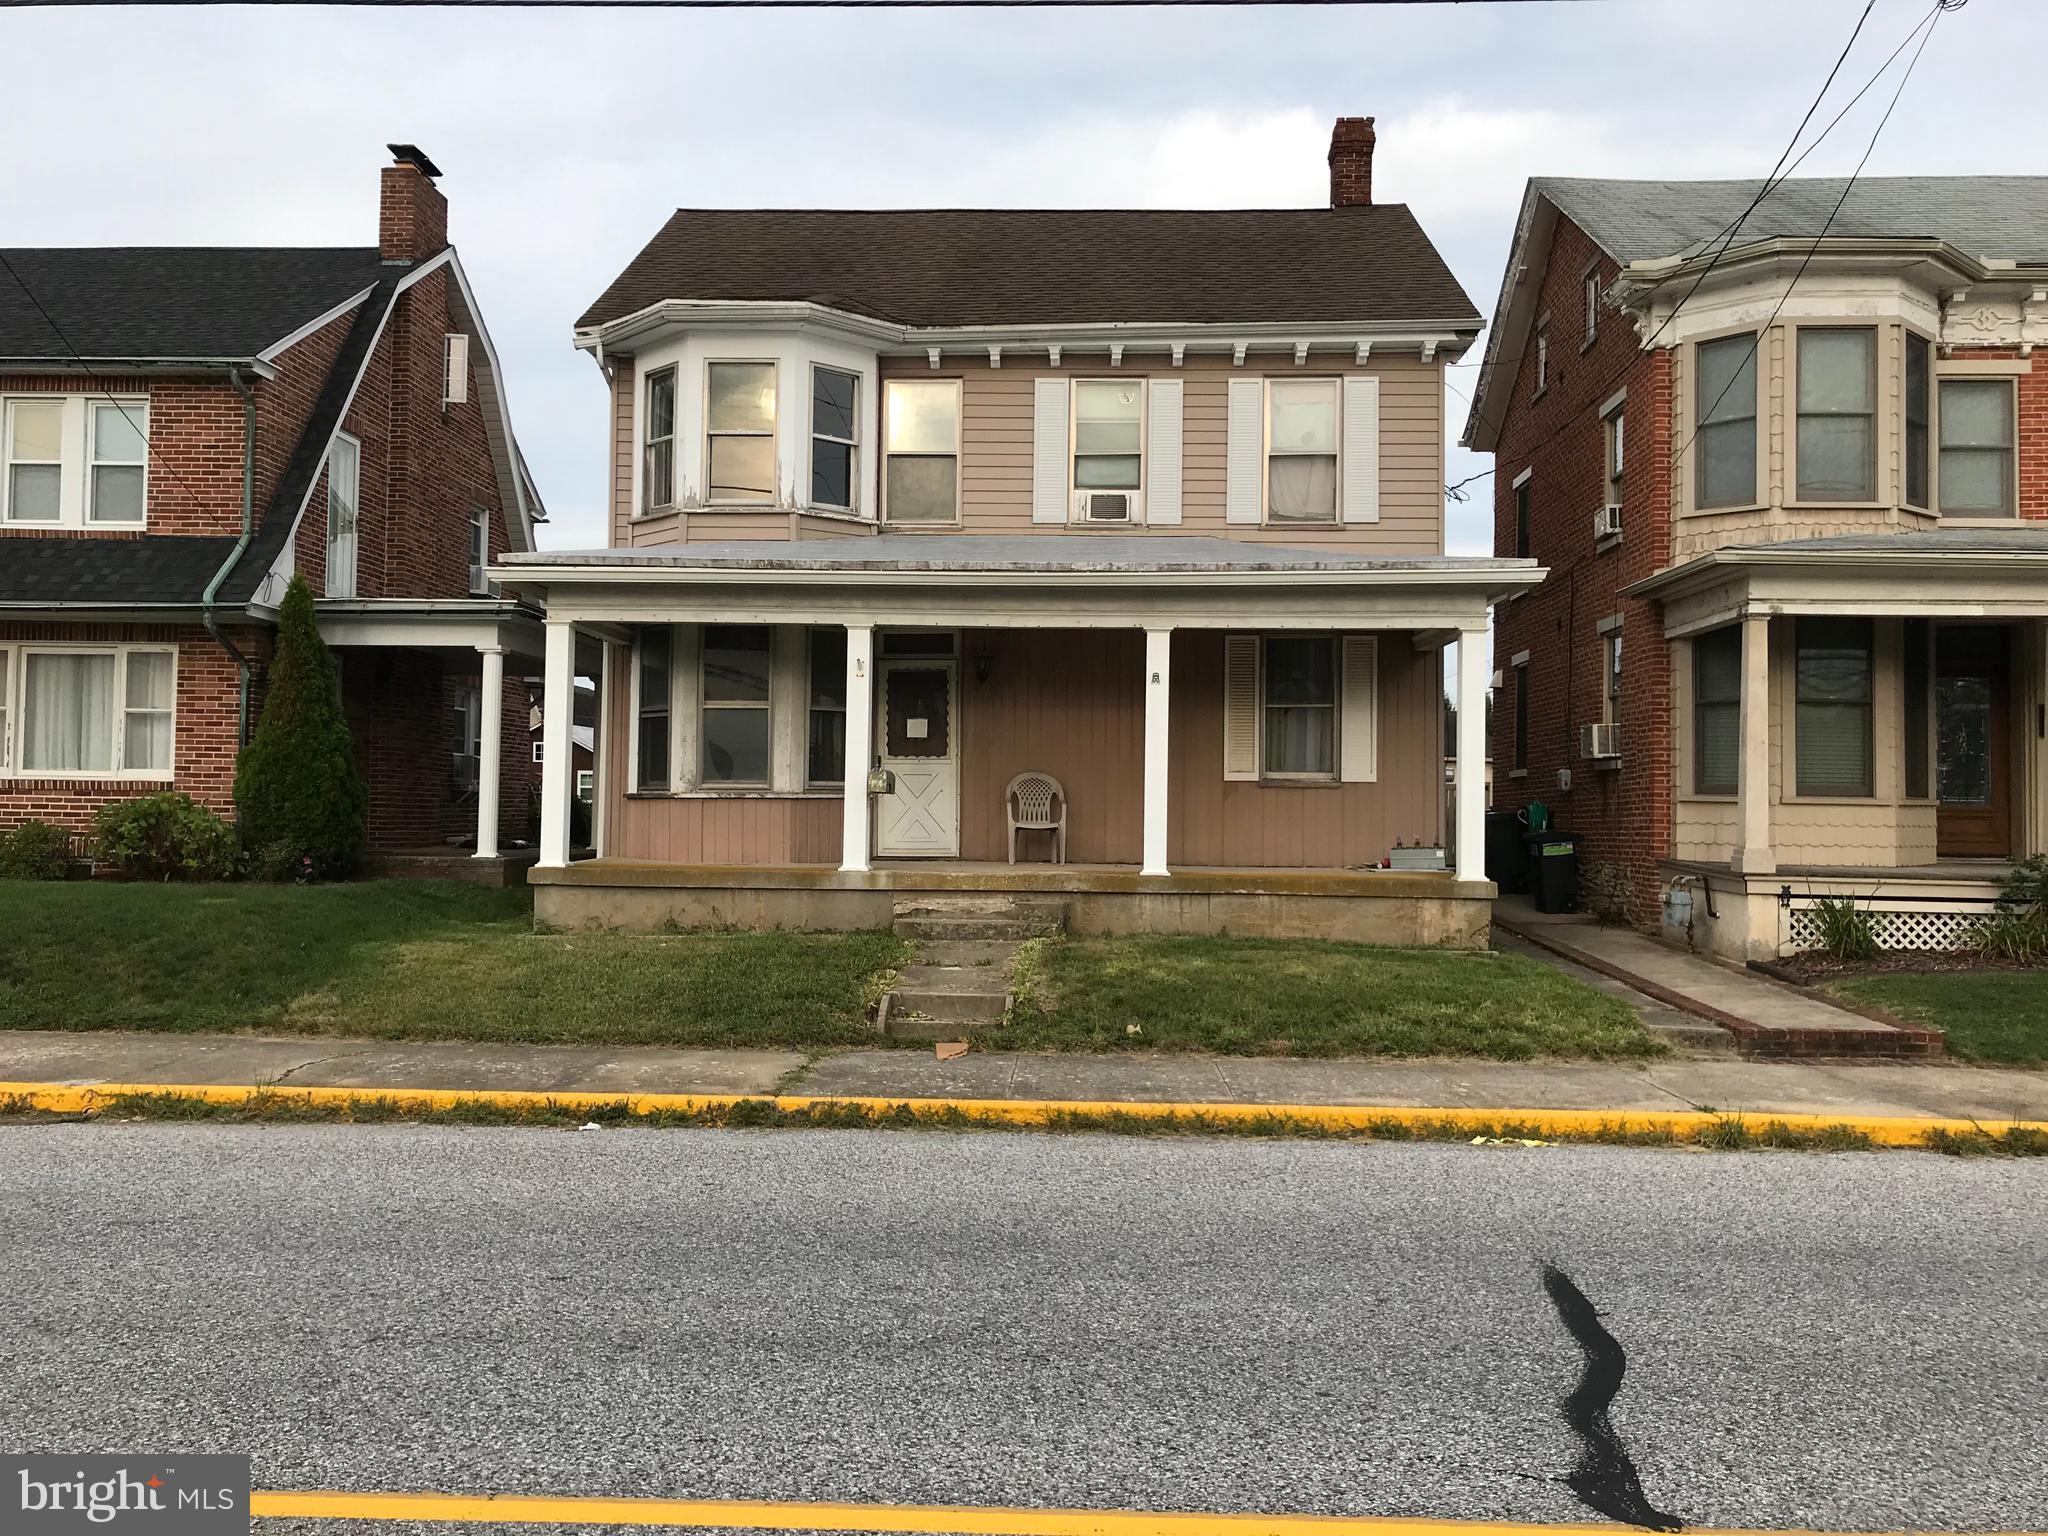 124 N MAIN STREET, JACOBUS, PA 17407